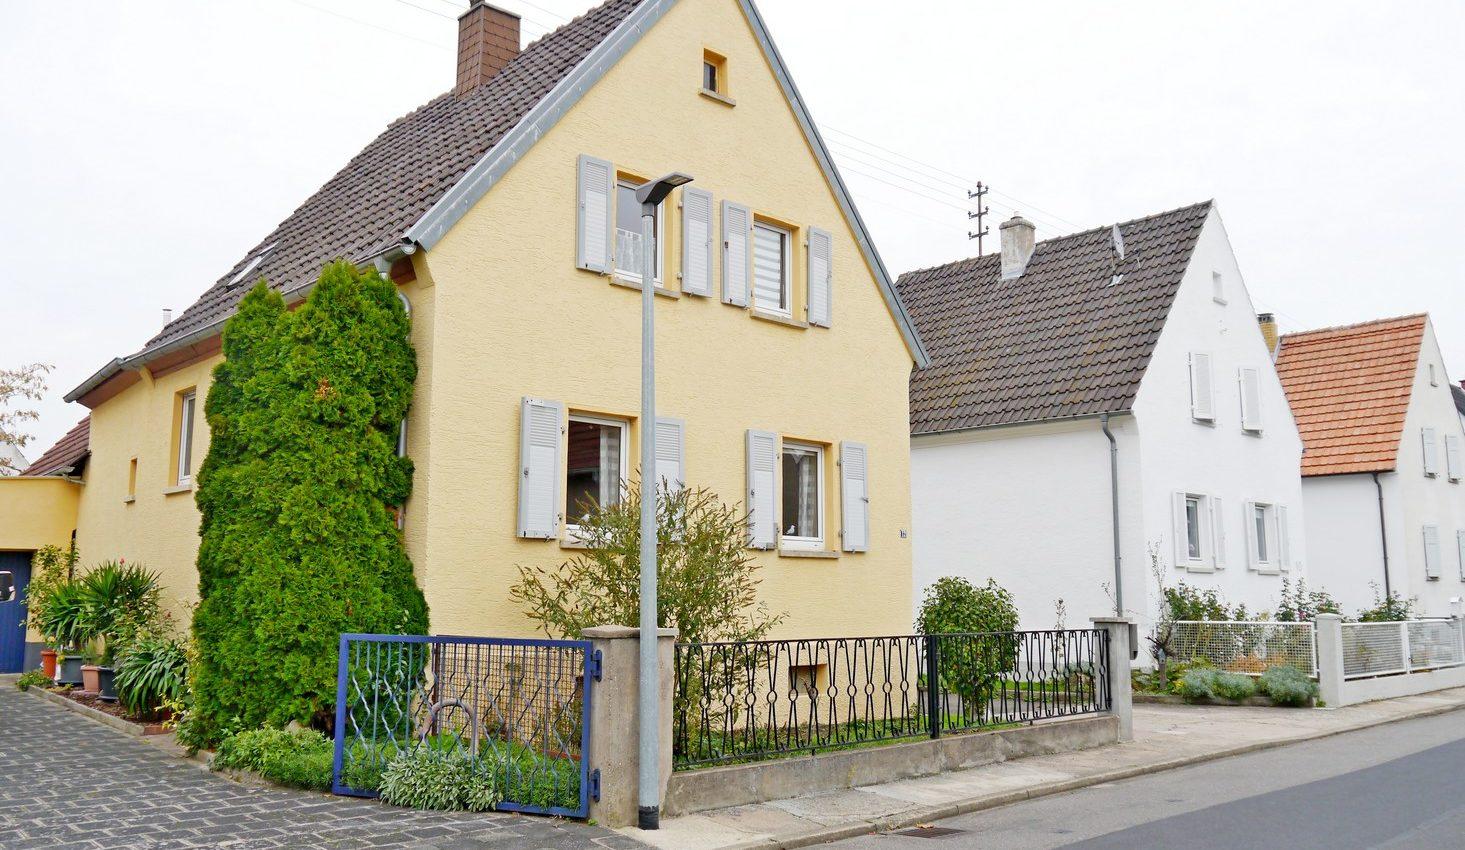 Reserviert! Freistehendes Einfamilienhaus mit Garten in Niederkirchen